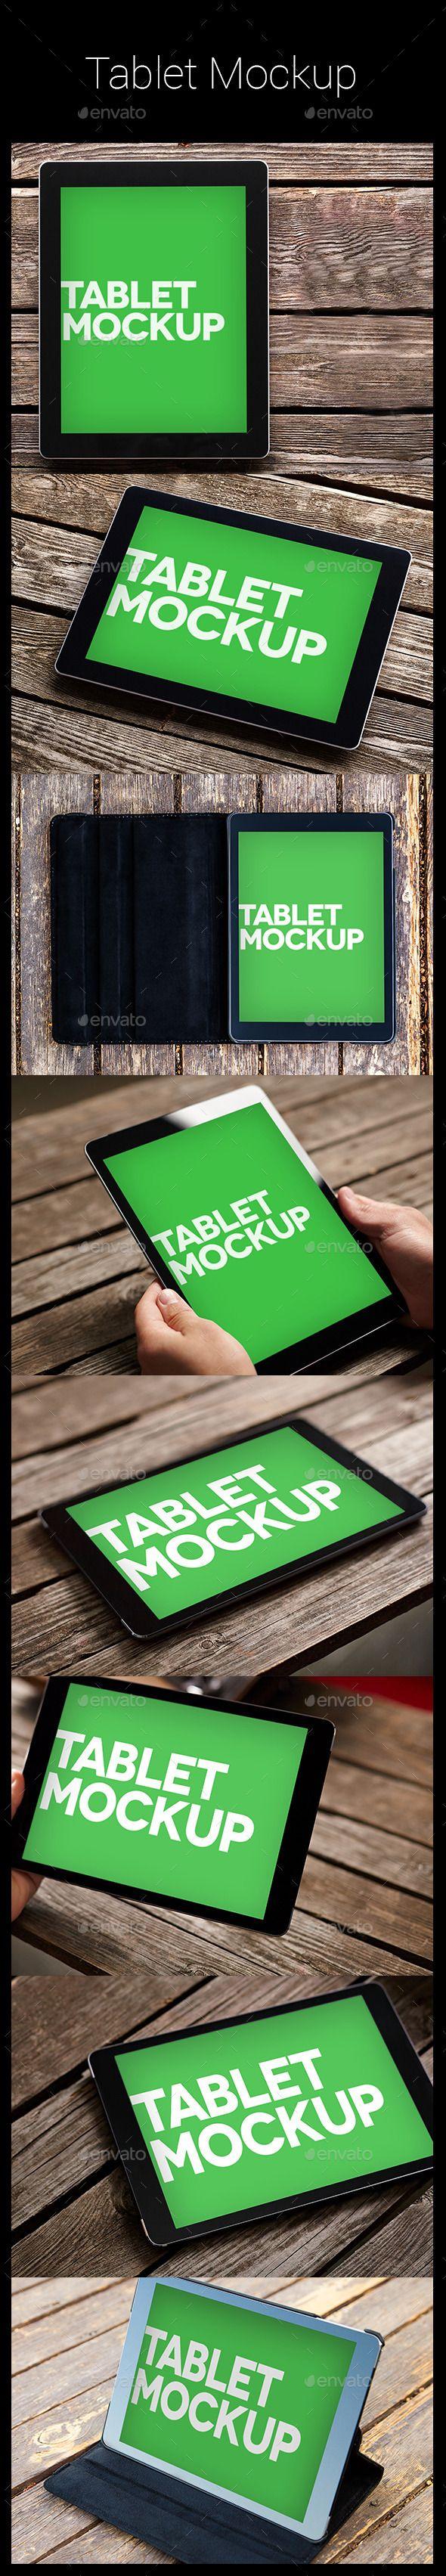 Tablet Mock-Up | Download: http://graphicriver.net/item/tablet-mockup/10405871?ref=ksioks